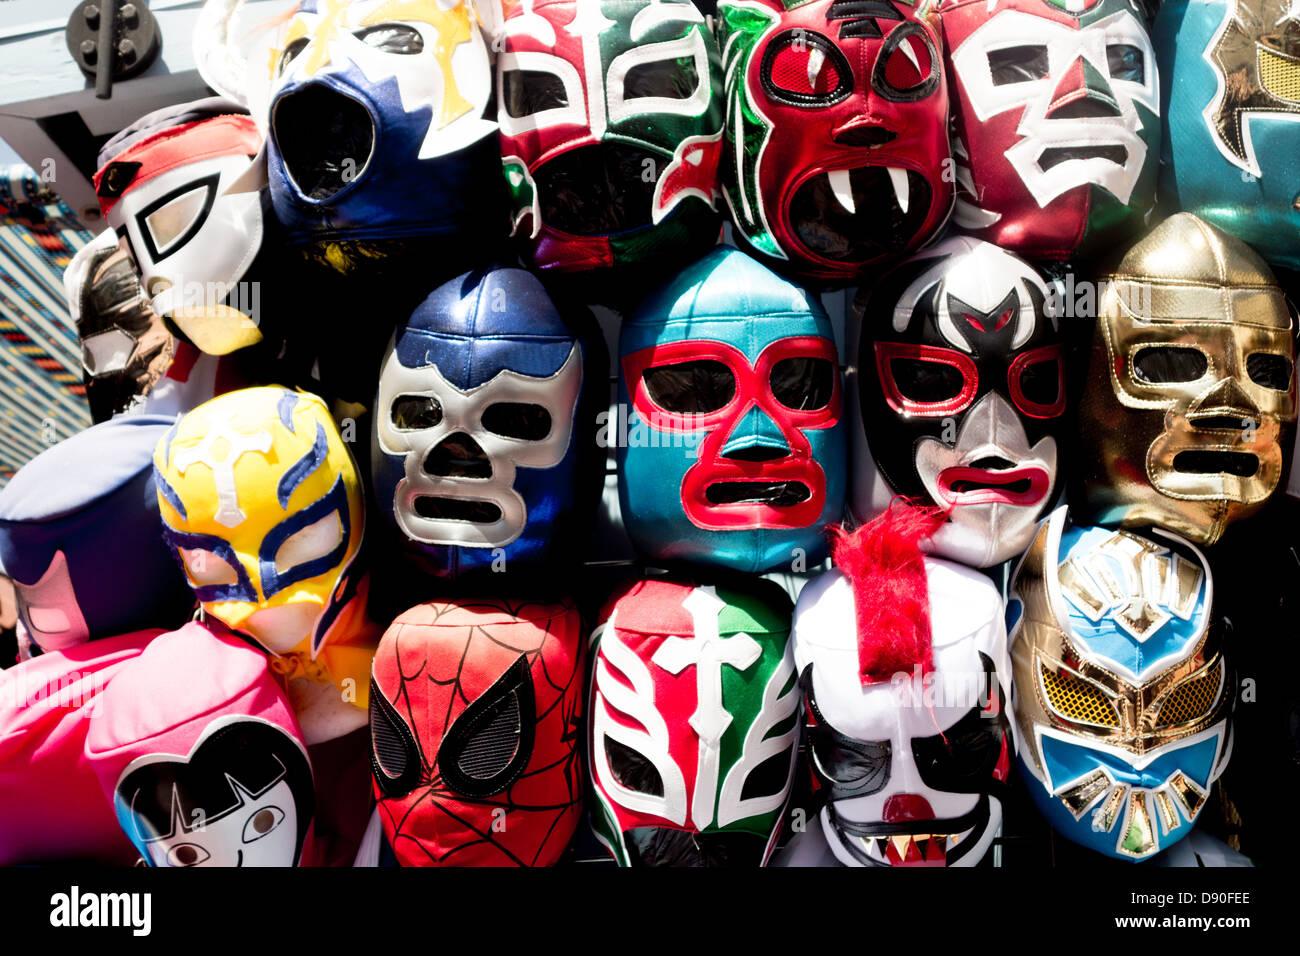 Máscaras de lucha libre mexicana héroes en recuerdo calado en Olvera Street, en Los Angeles pueblo distrito Imagen De Stock